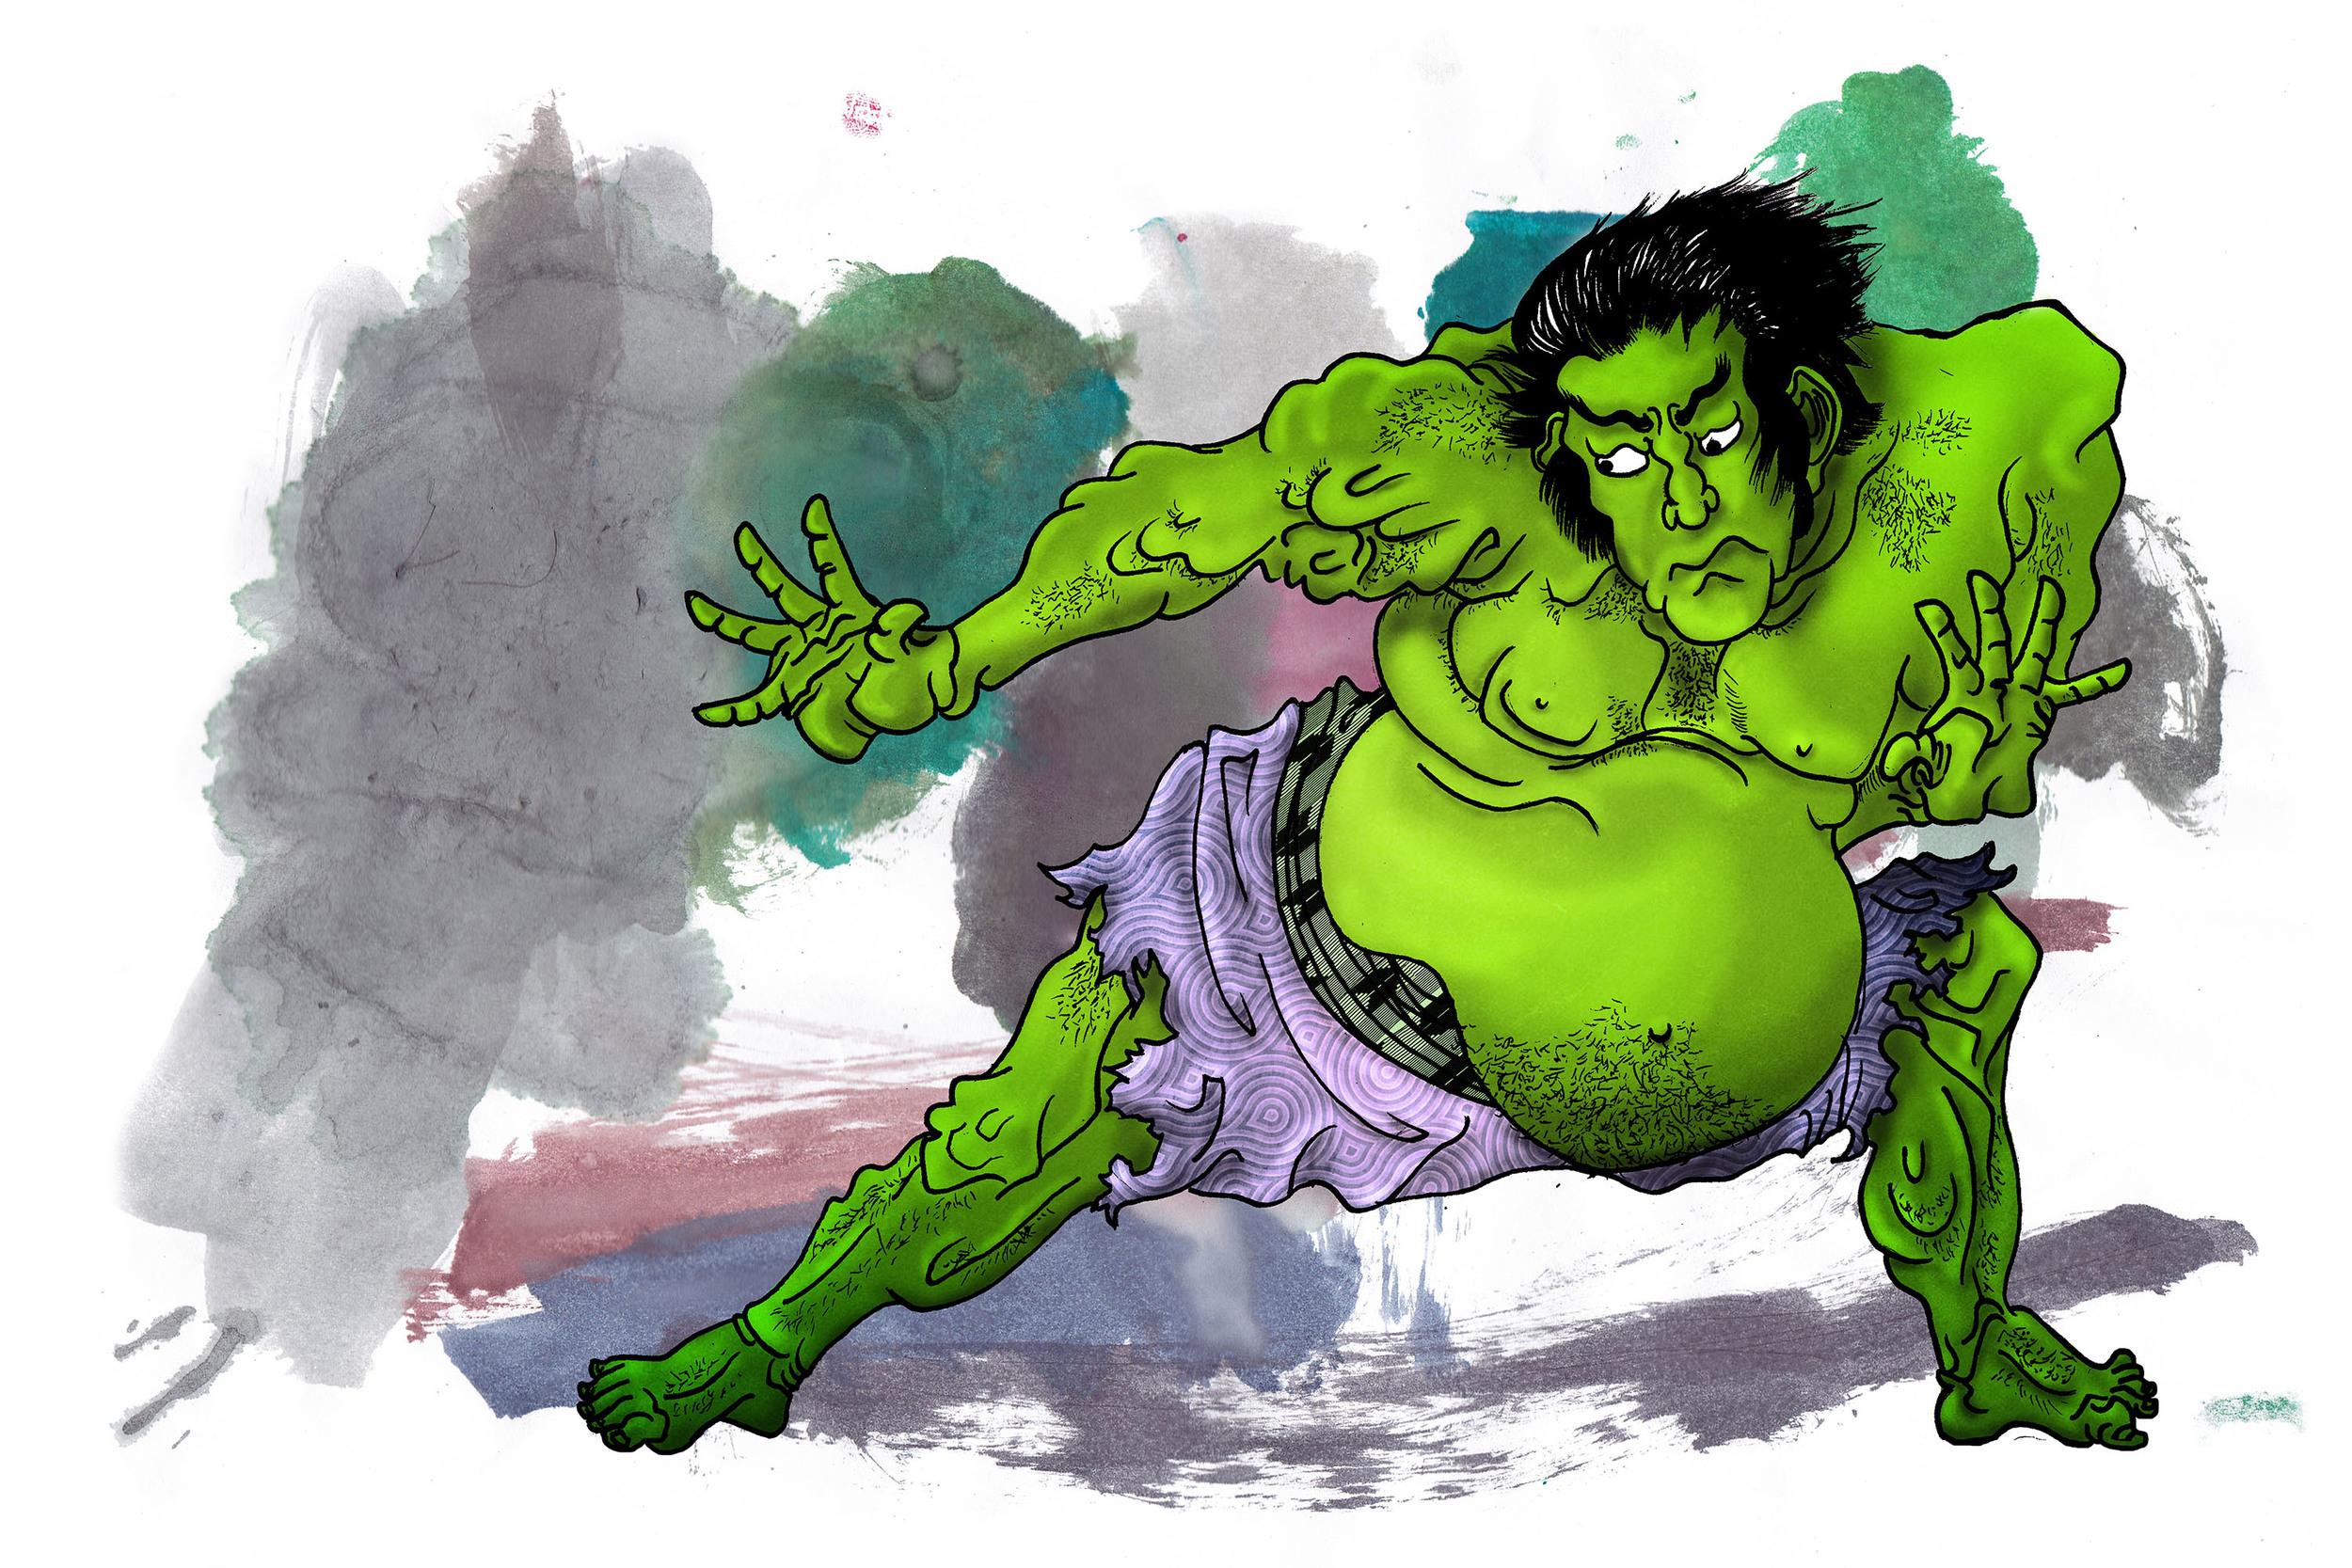 GAAMvengers - 2015 - Ukiyo-e Hulk - ©ElenaØhlander